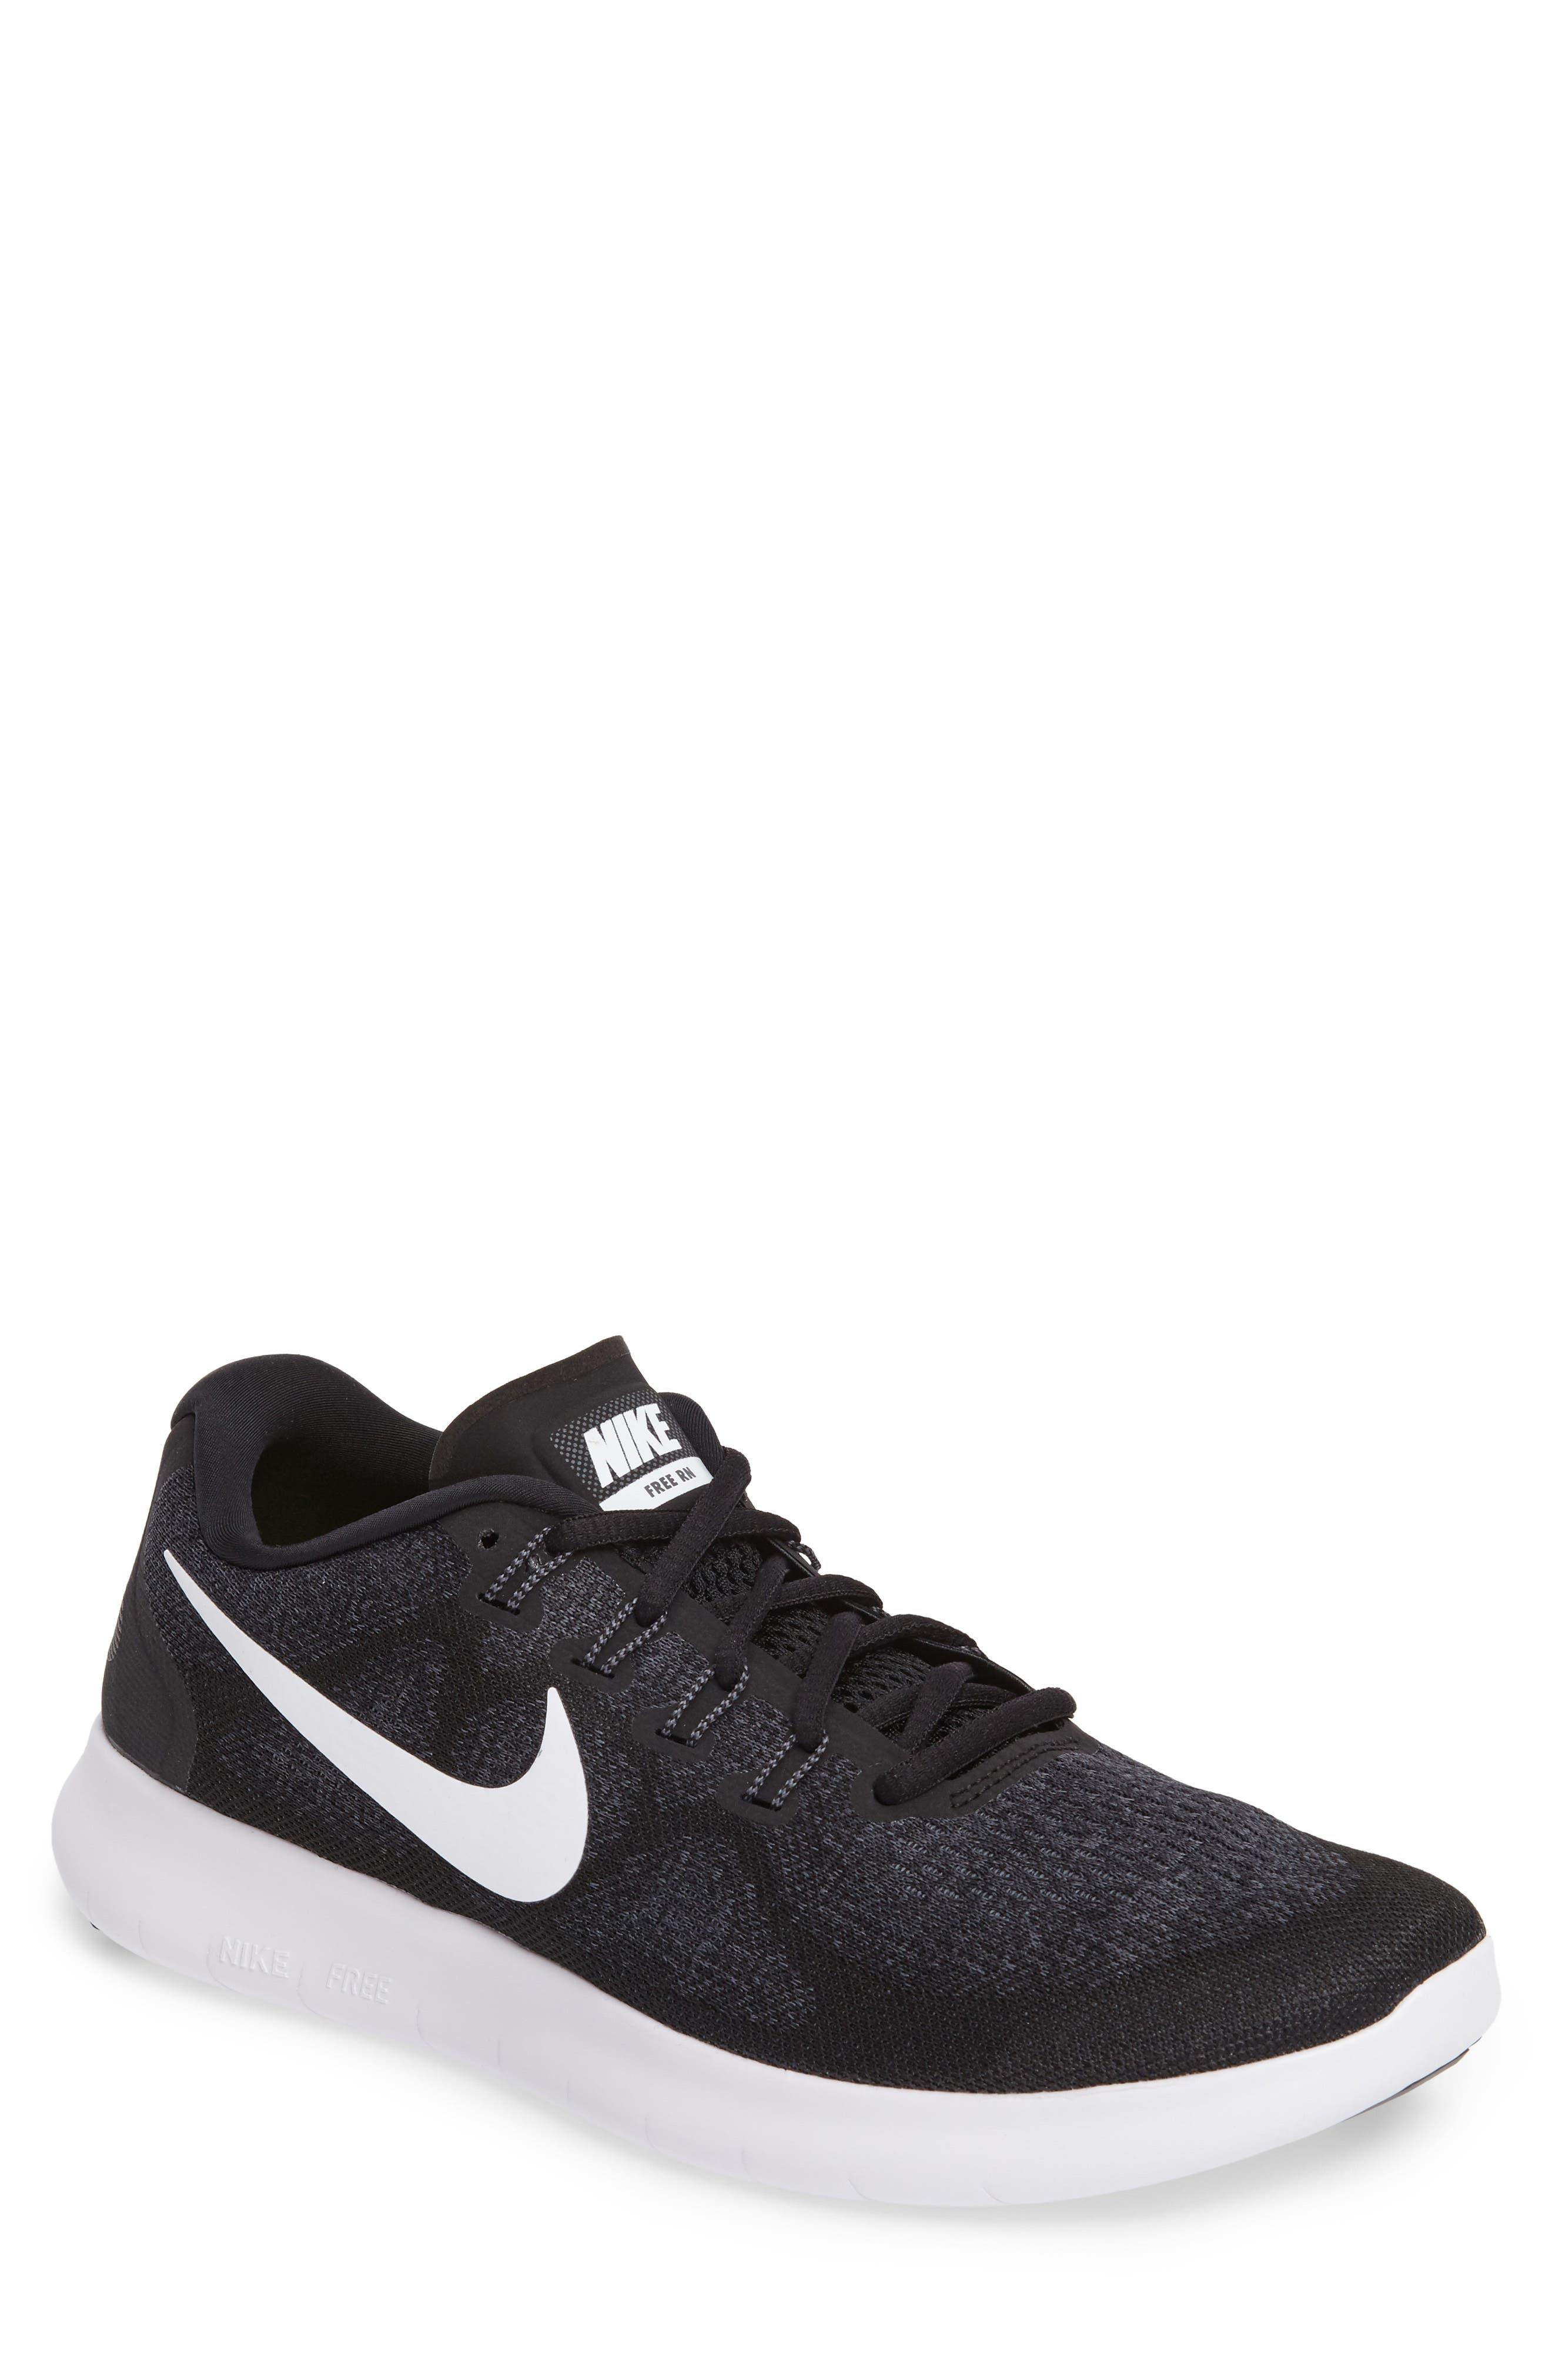 Main Image - Nike Free Run 2017 Running Shoe (Men)